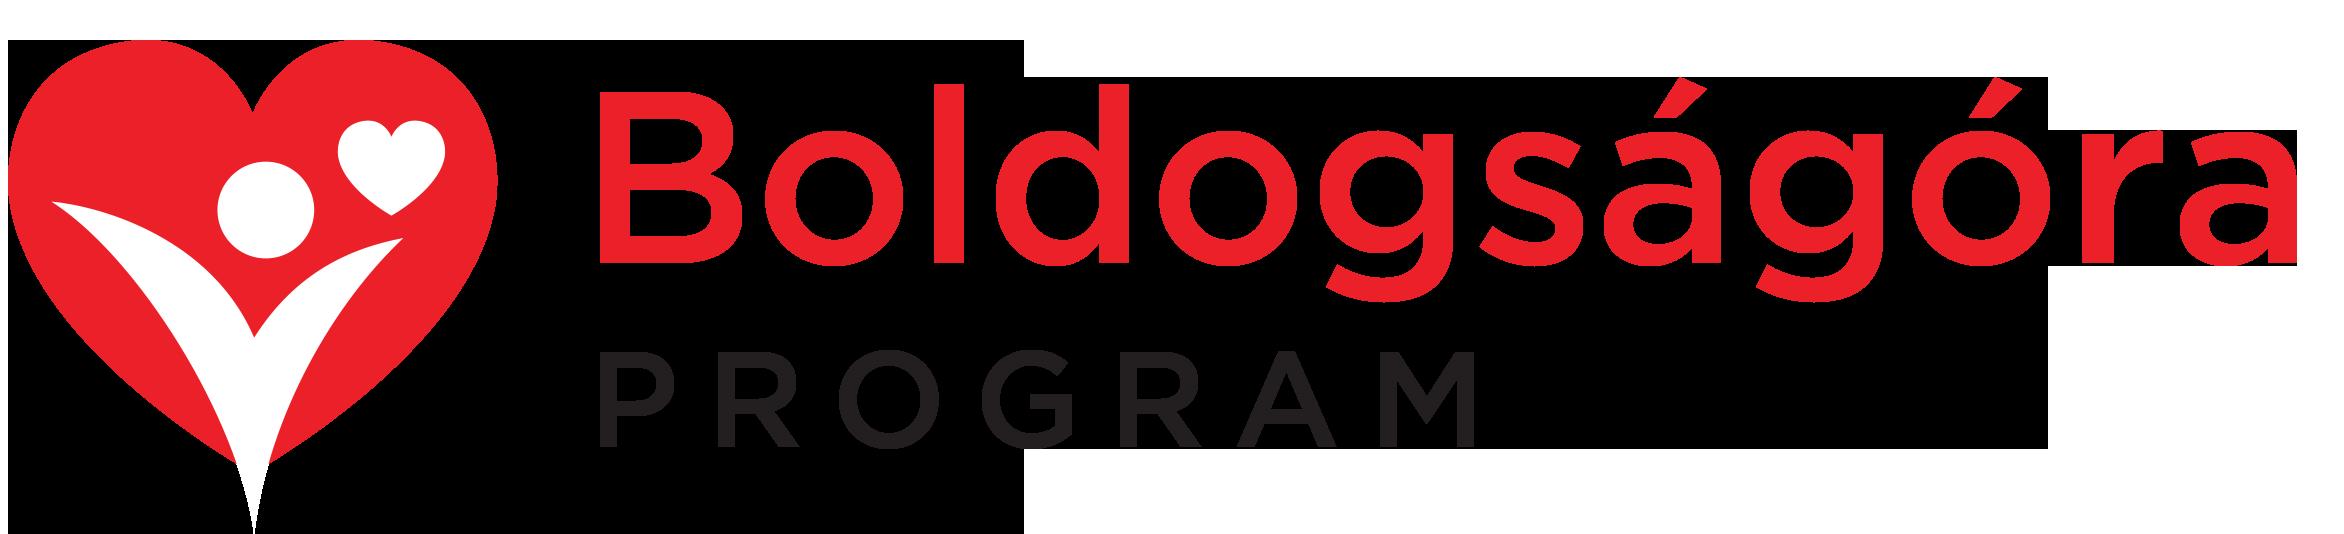 boldogsagora_logo_2018_telisziv_nojvav_20180807